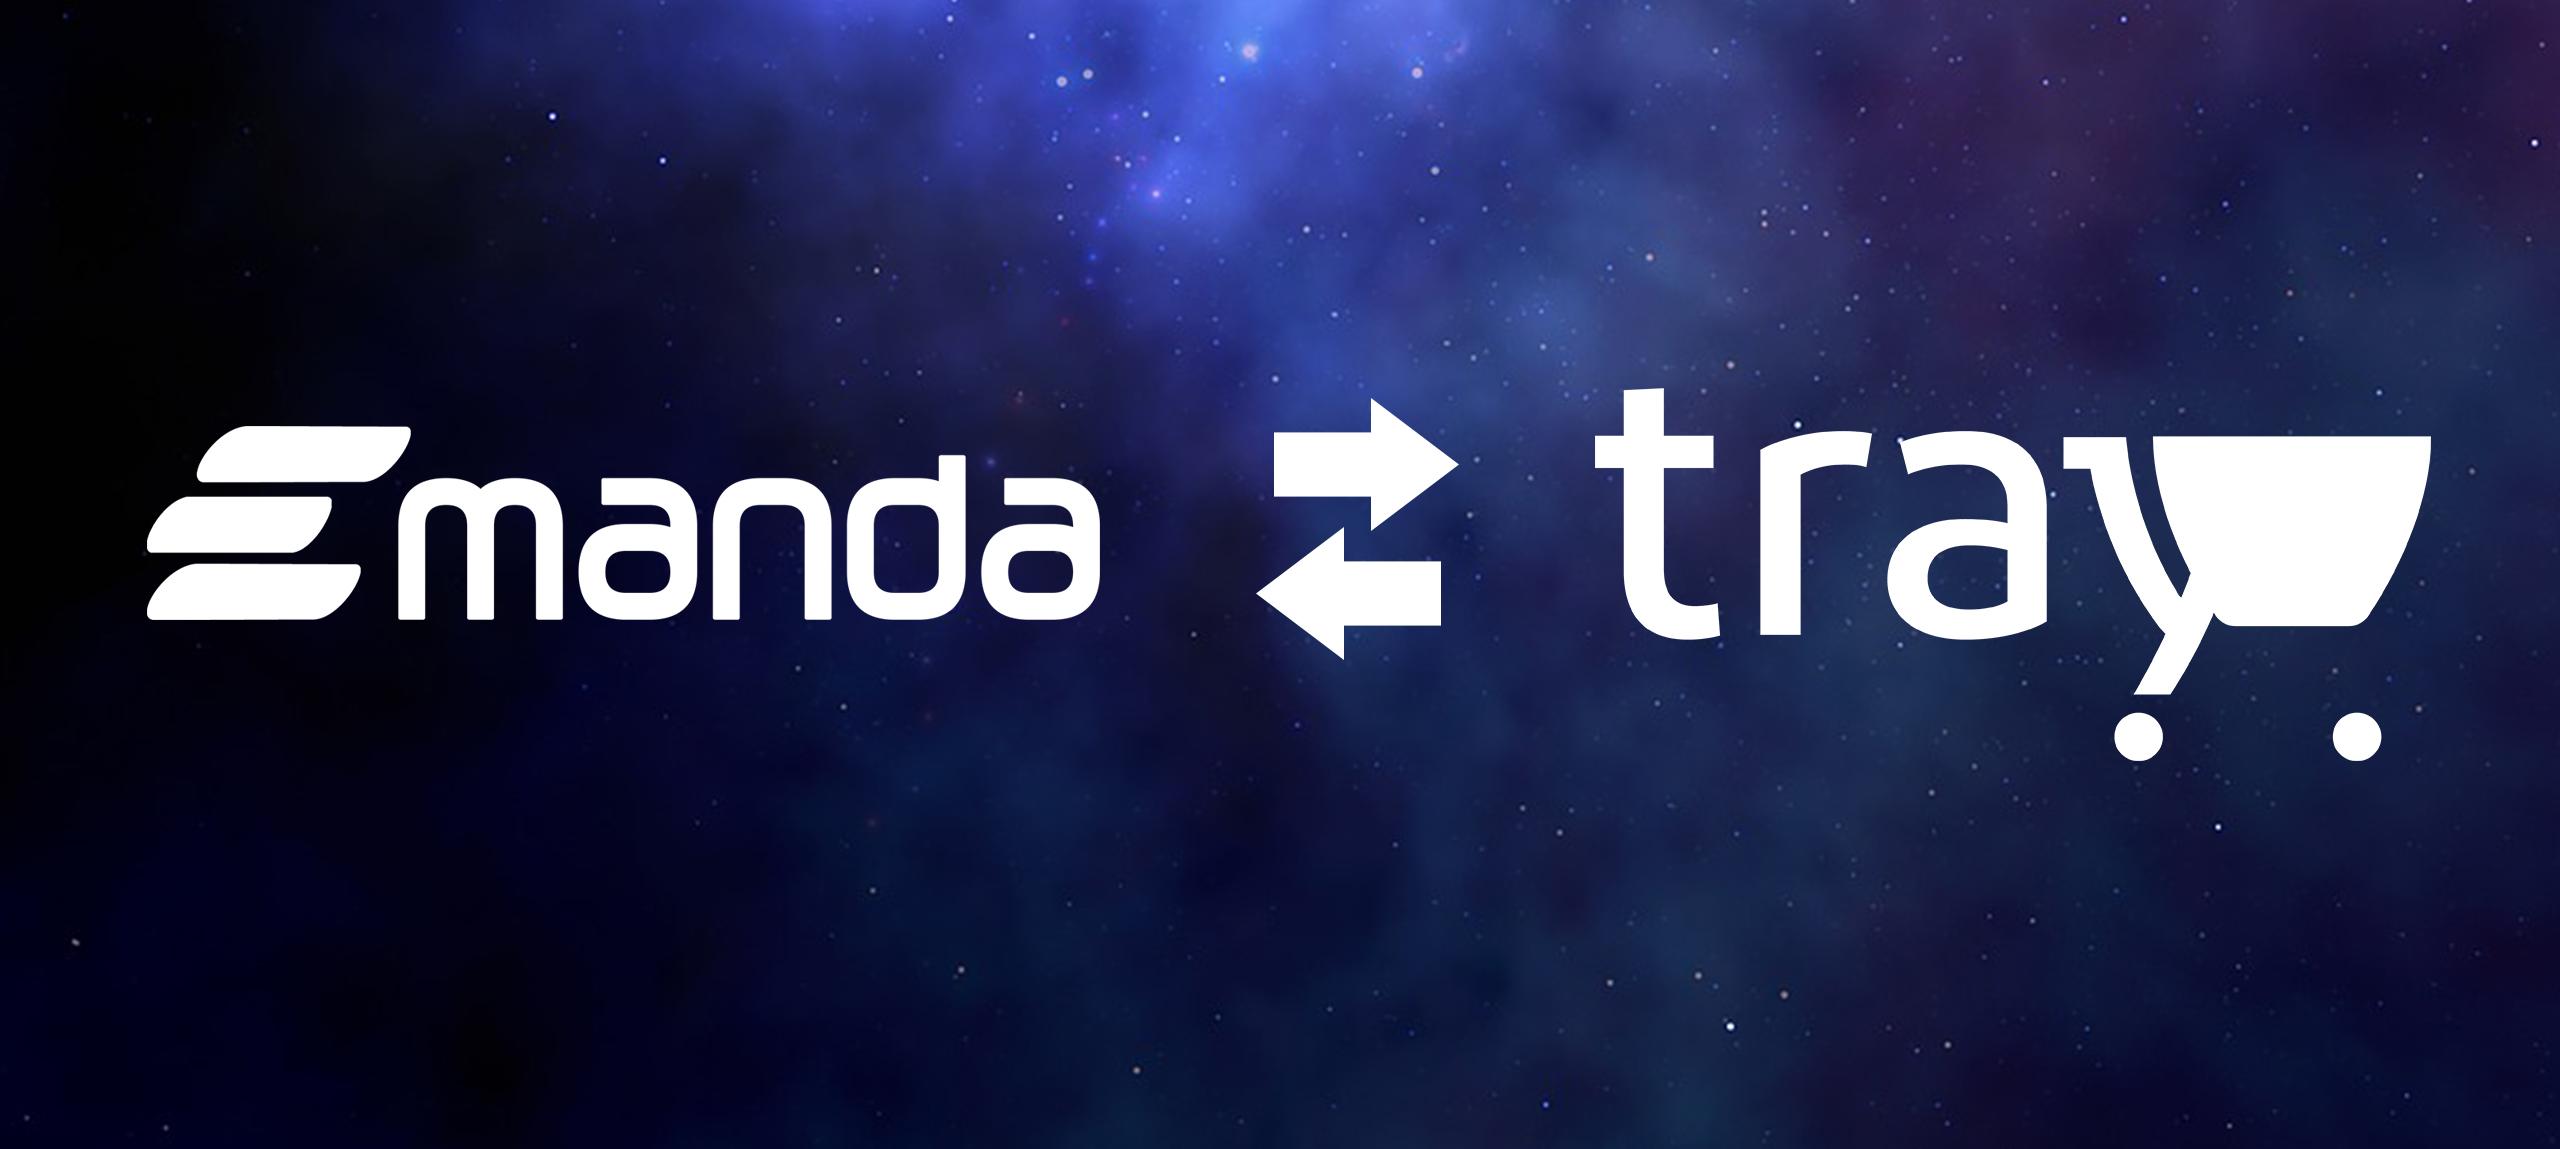 Emanda nova parceira Tray | Conecte sua loja em apenas um clique